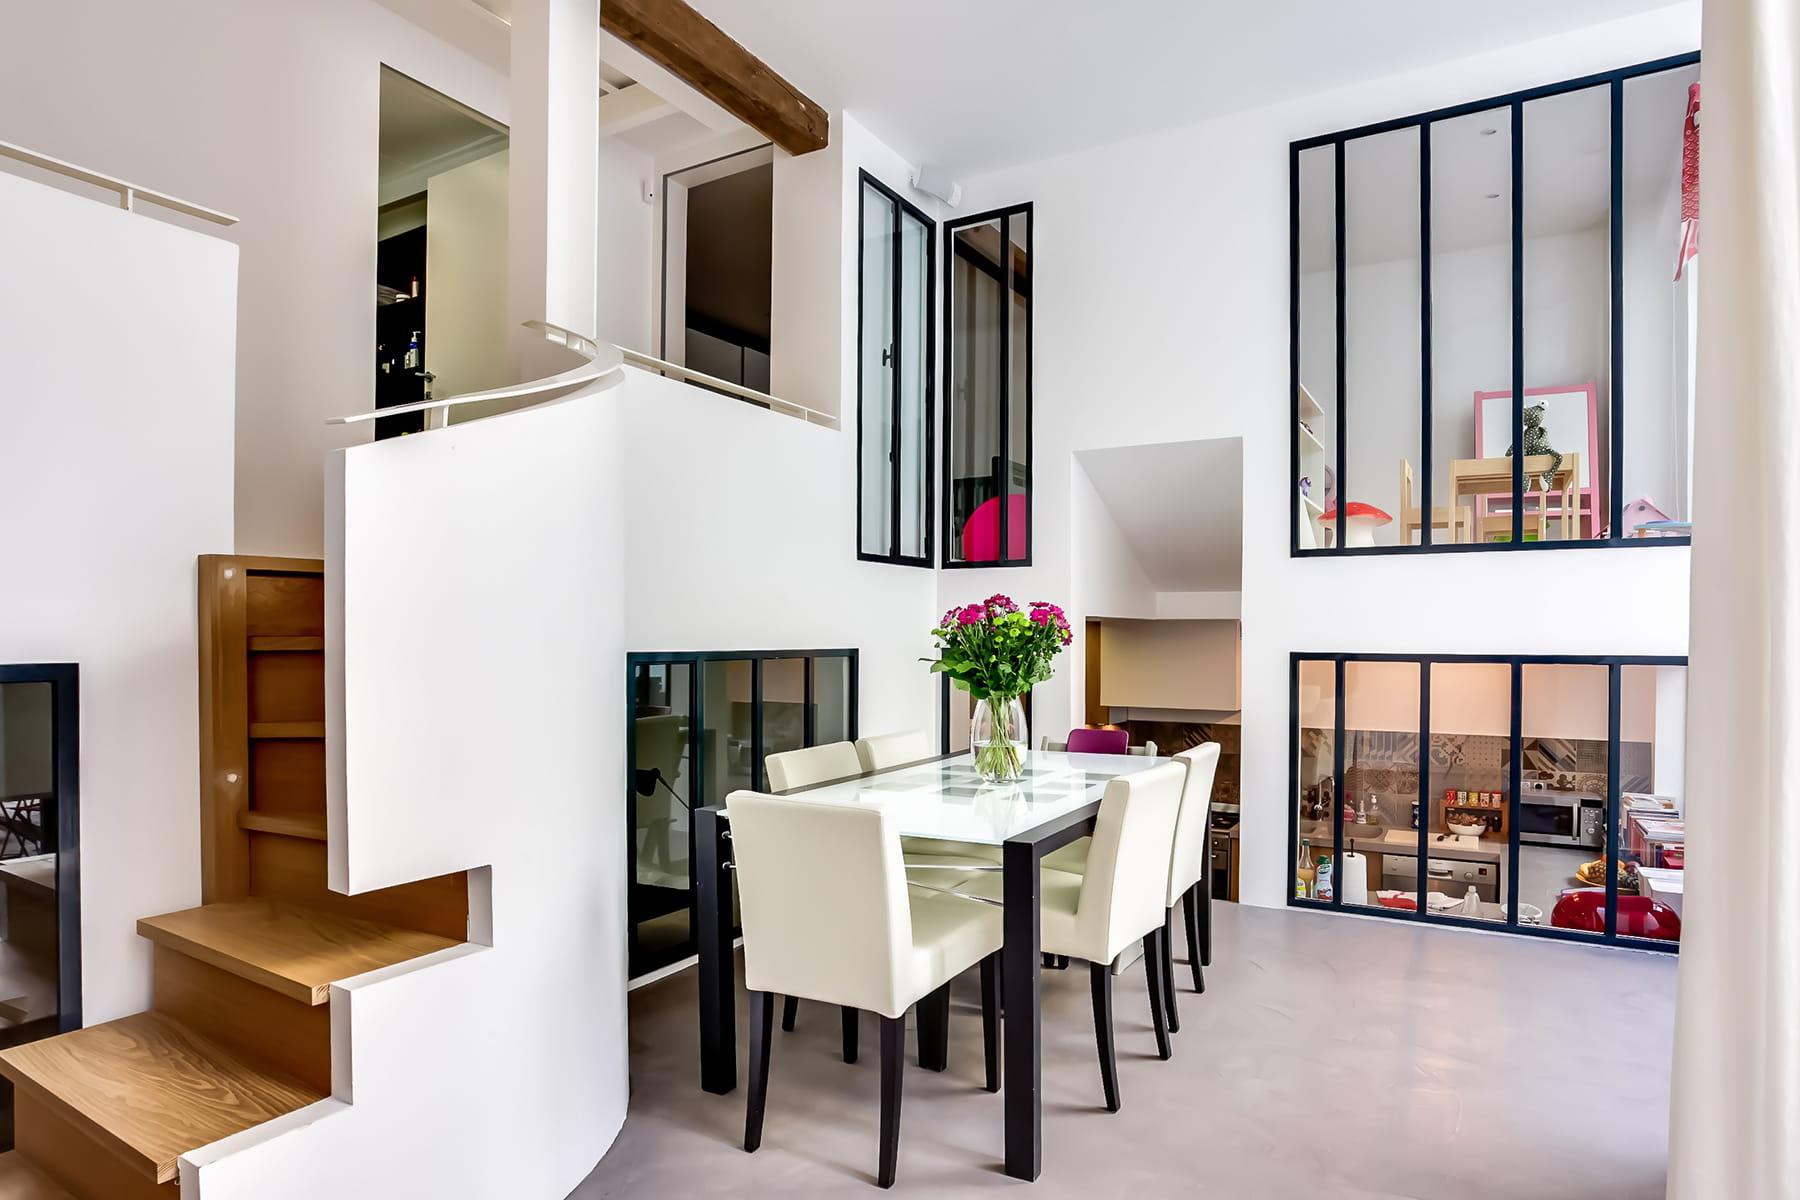 clairer toute la maison avec une verri re des cuisines. Black Bedroom Furniture Sets. Home Design Ideas